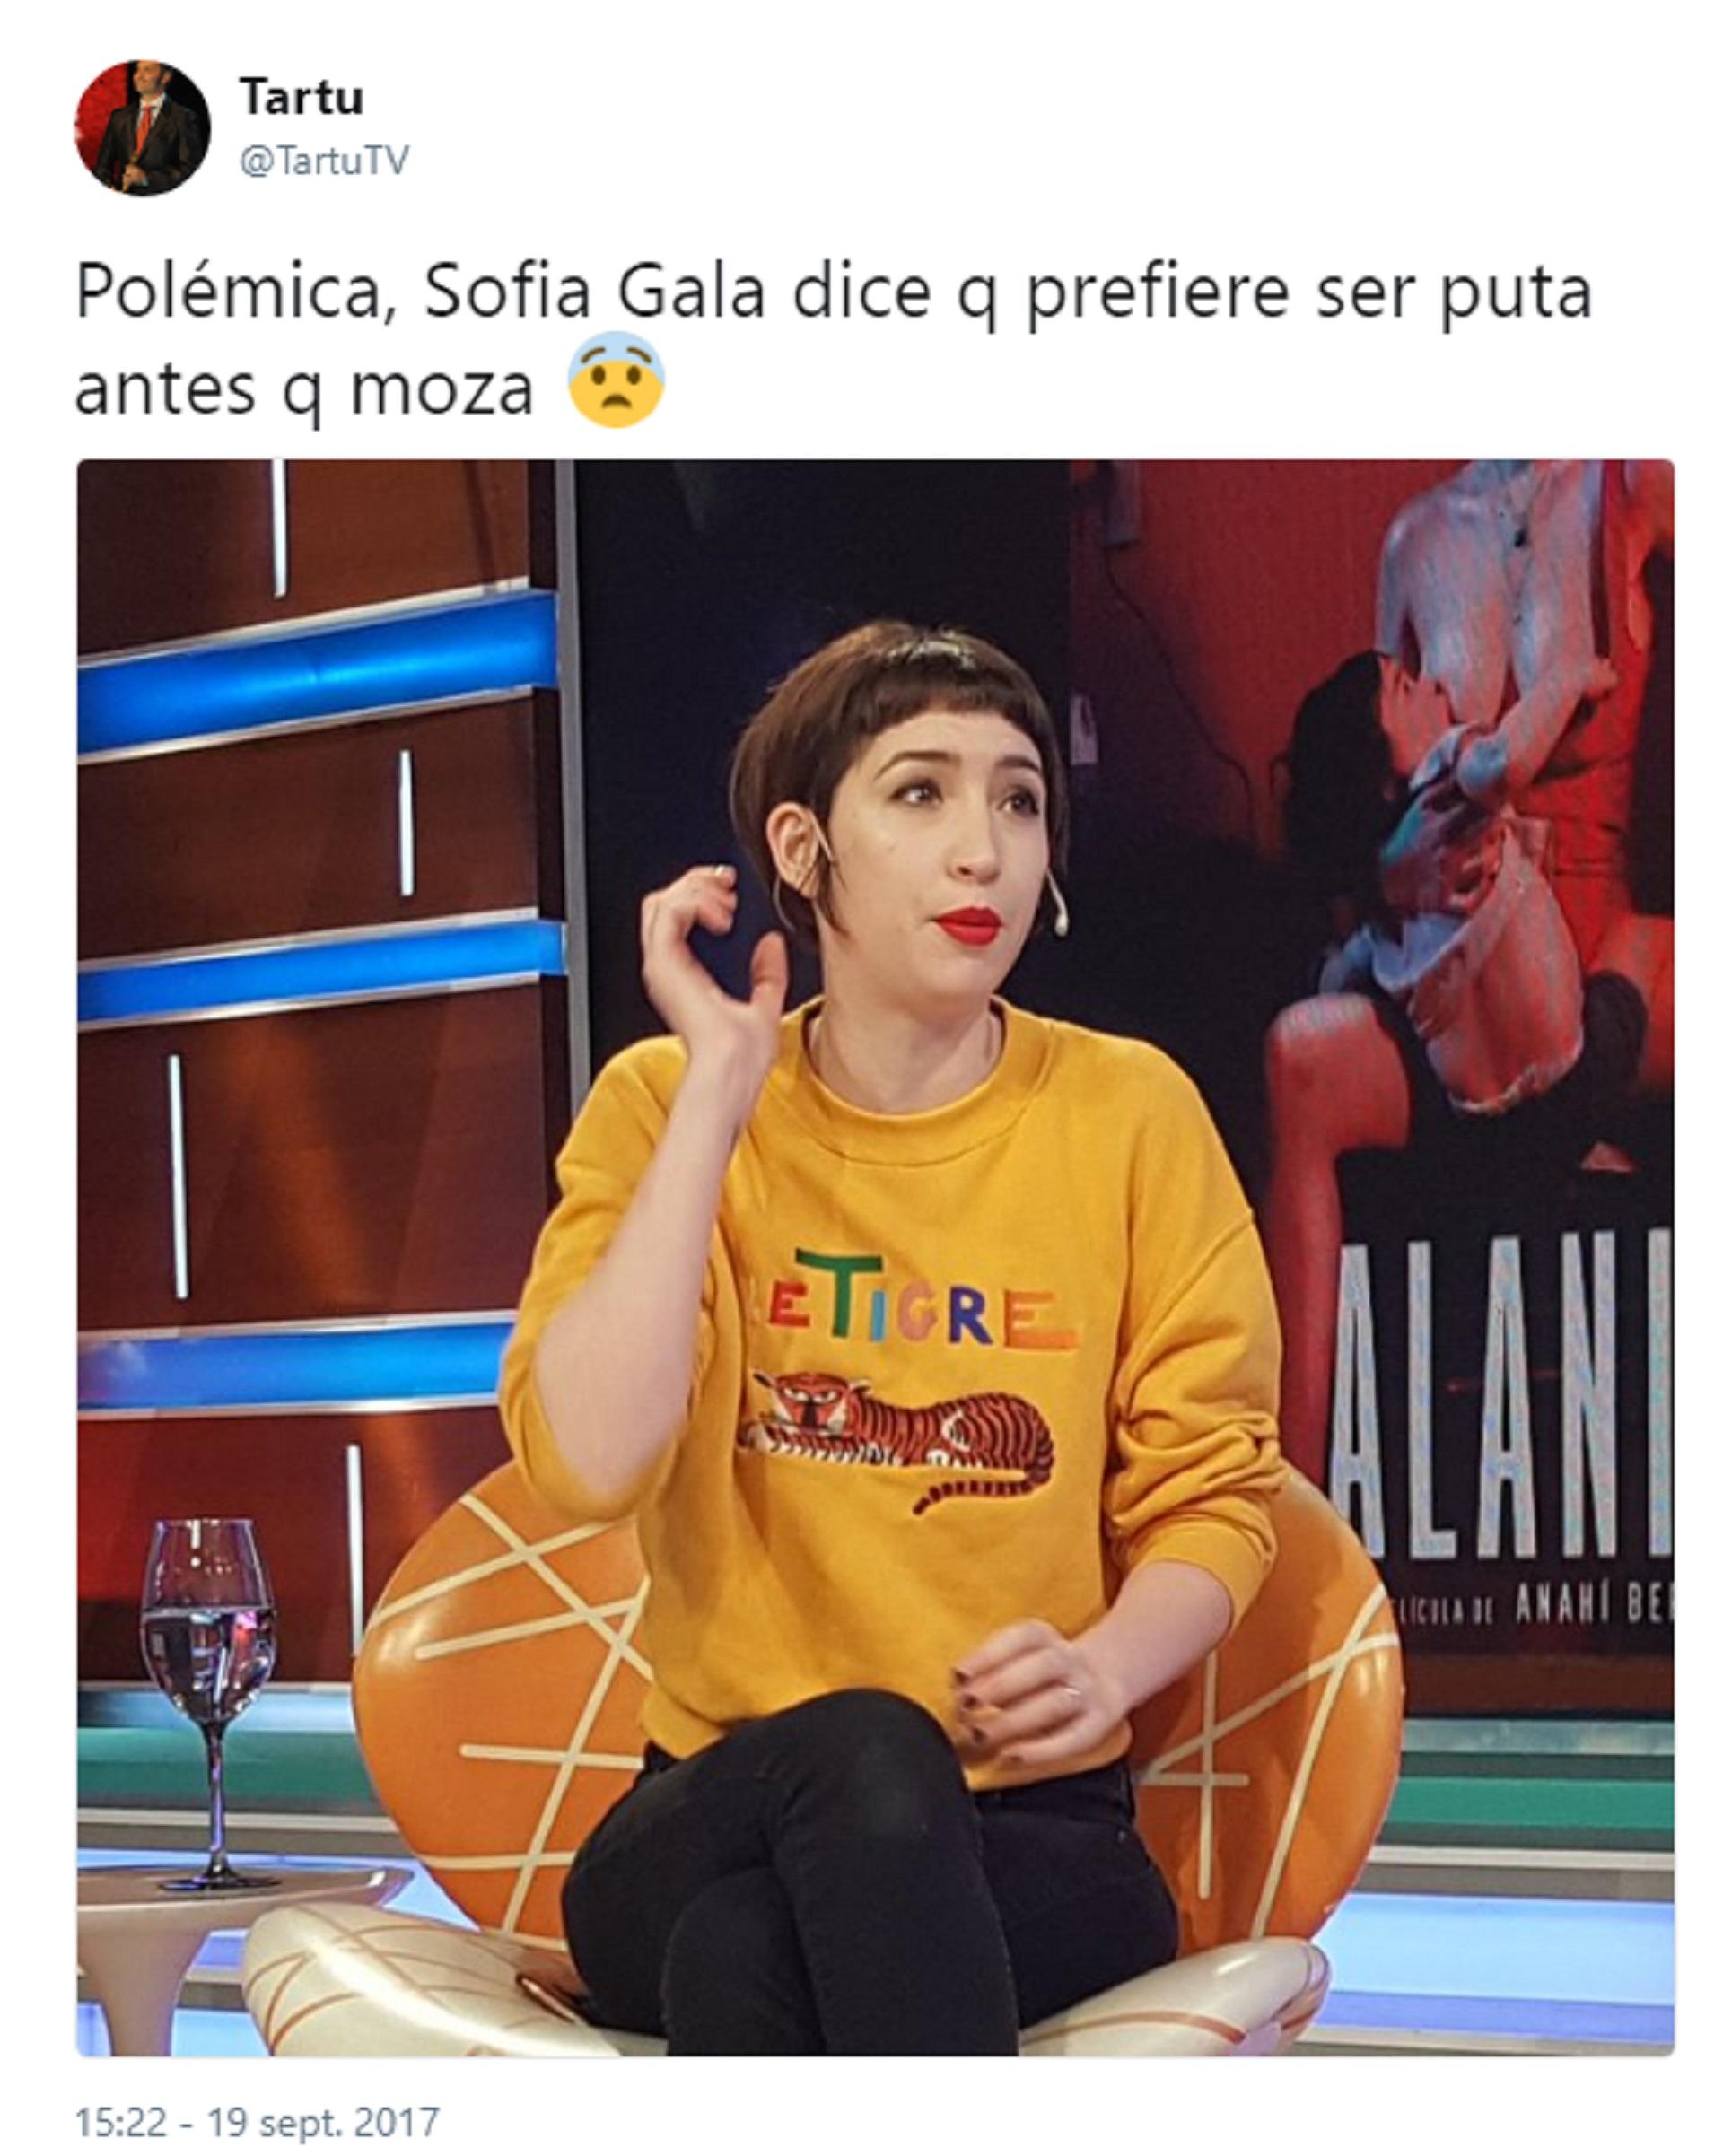 SUELAS TIAS PUTAS COM